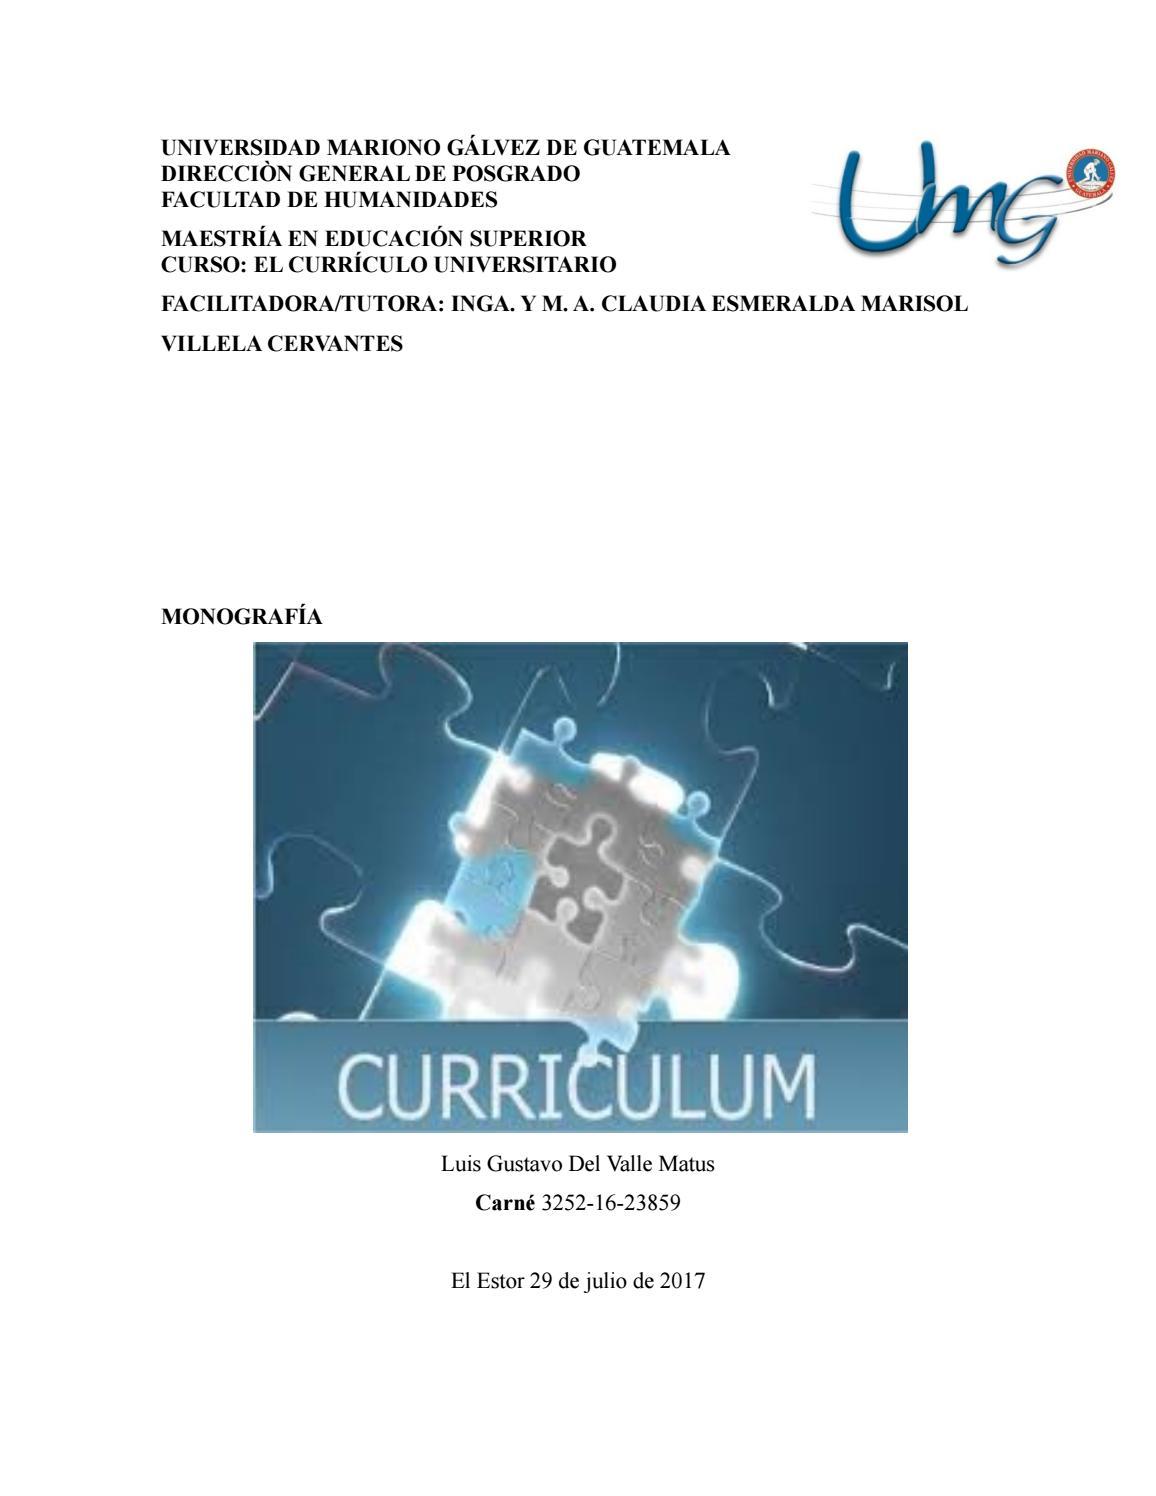 Monografia curriculum by Luis Del Valle - issuu